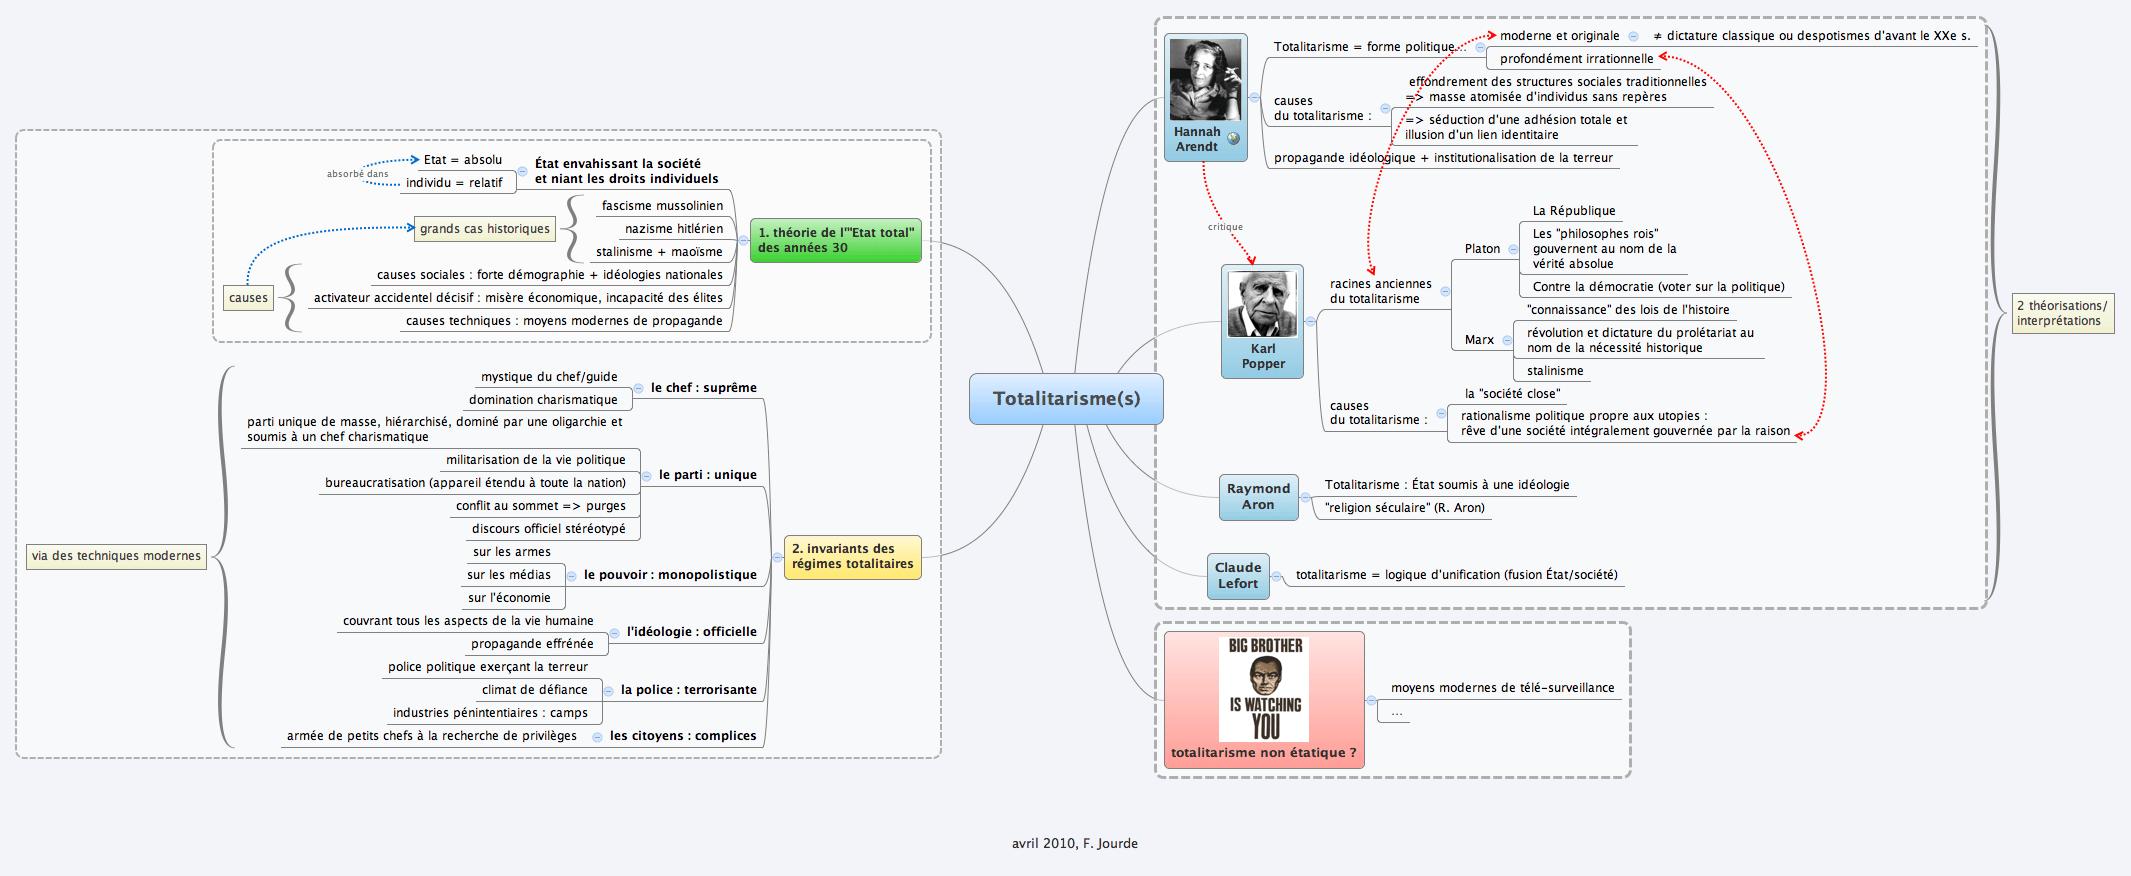 Totalitarisme(s)